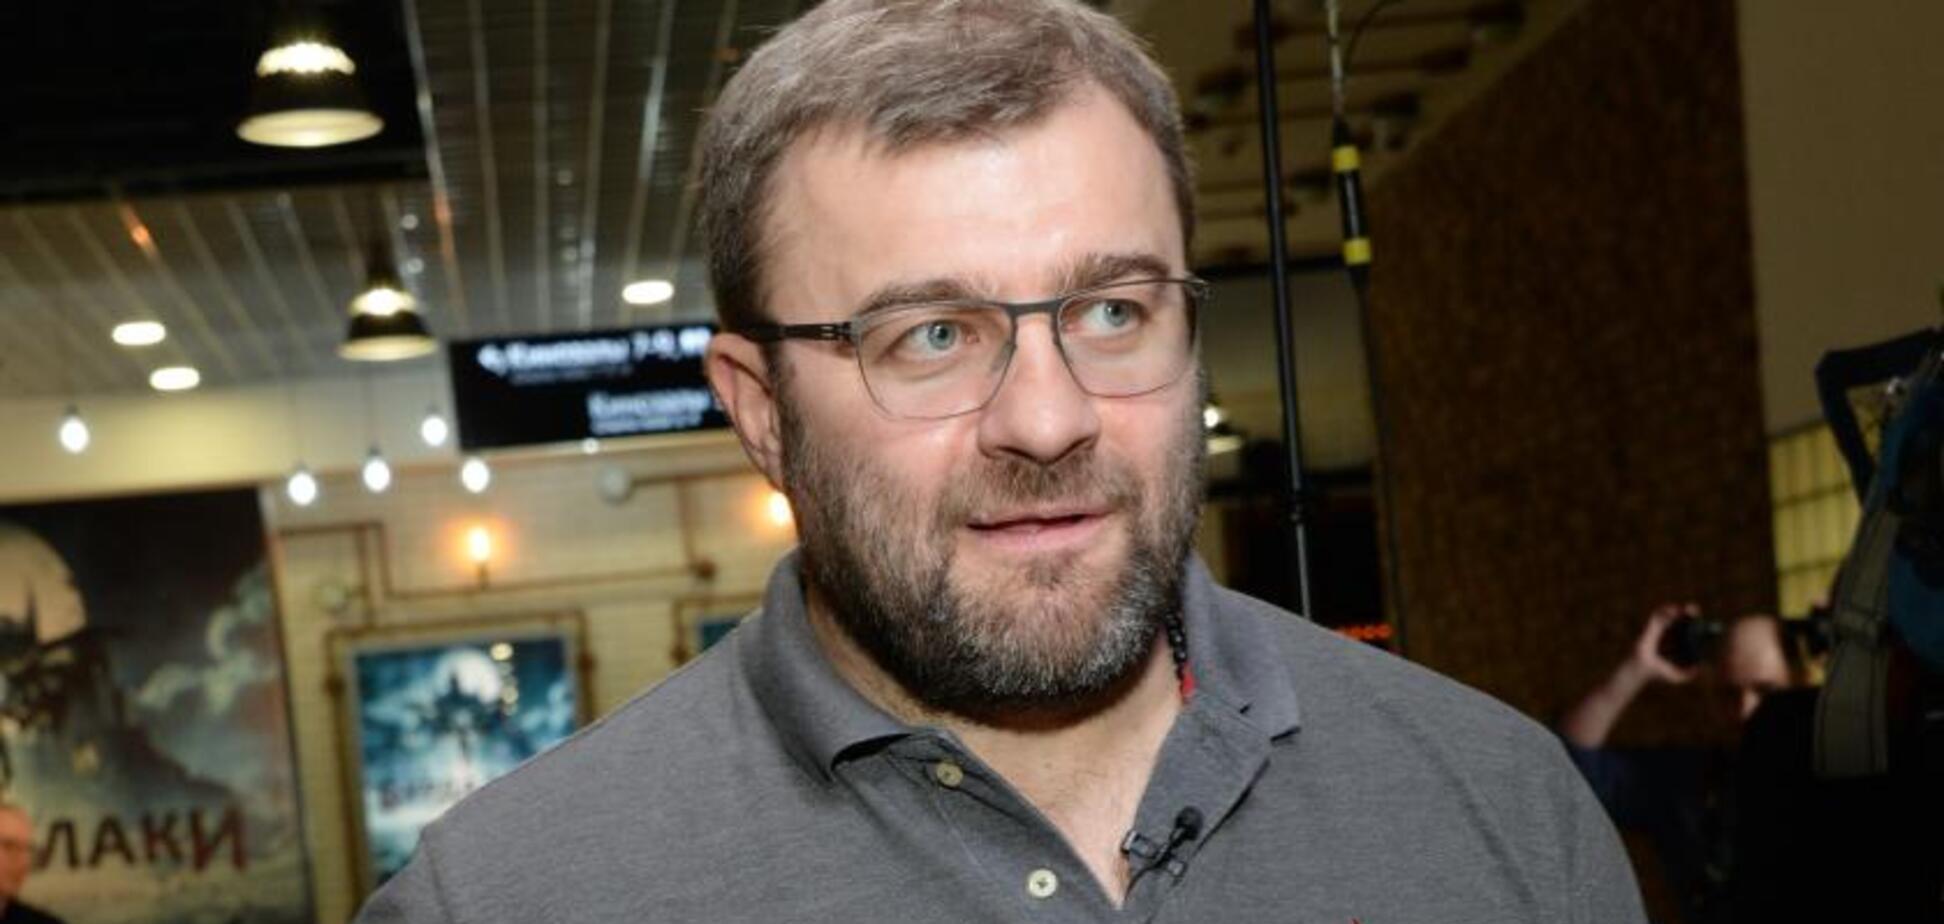 'Насмотрелся телевизора': стрелявший на Донбассе актер разоткровенничался о пропаганде